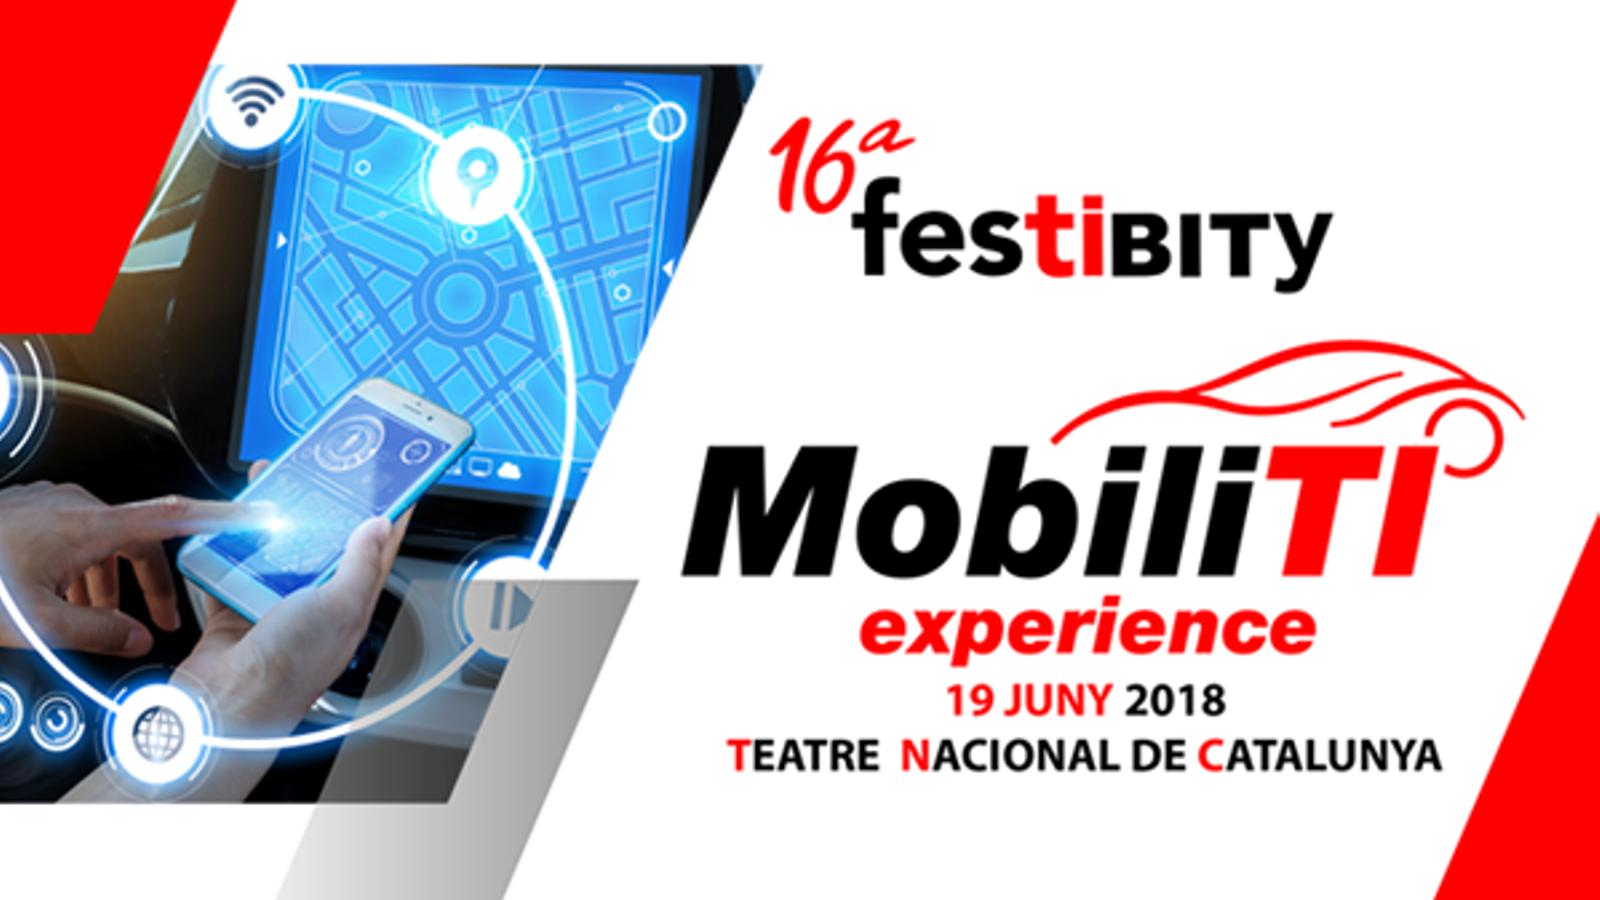 La Festibity dedica la 16a edició a la mobilitat intel·ligent